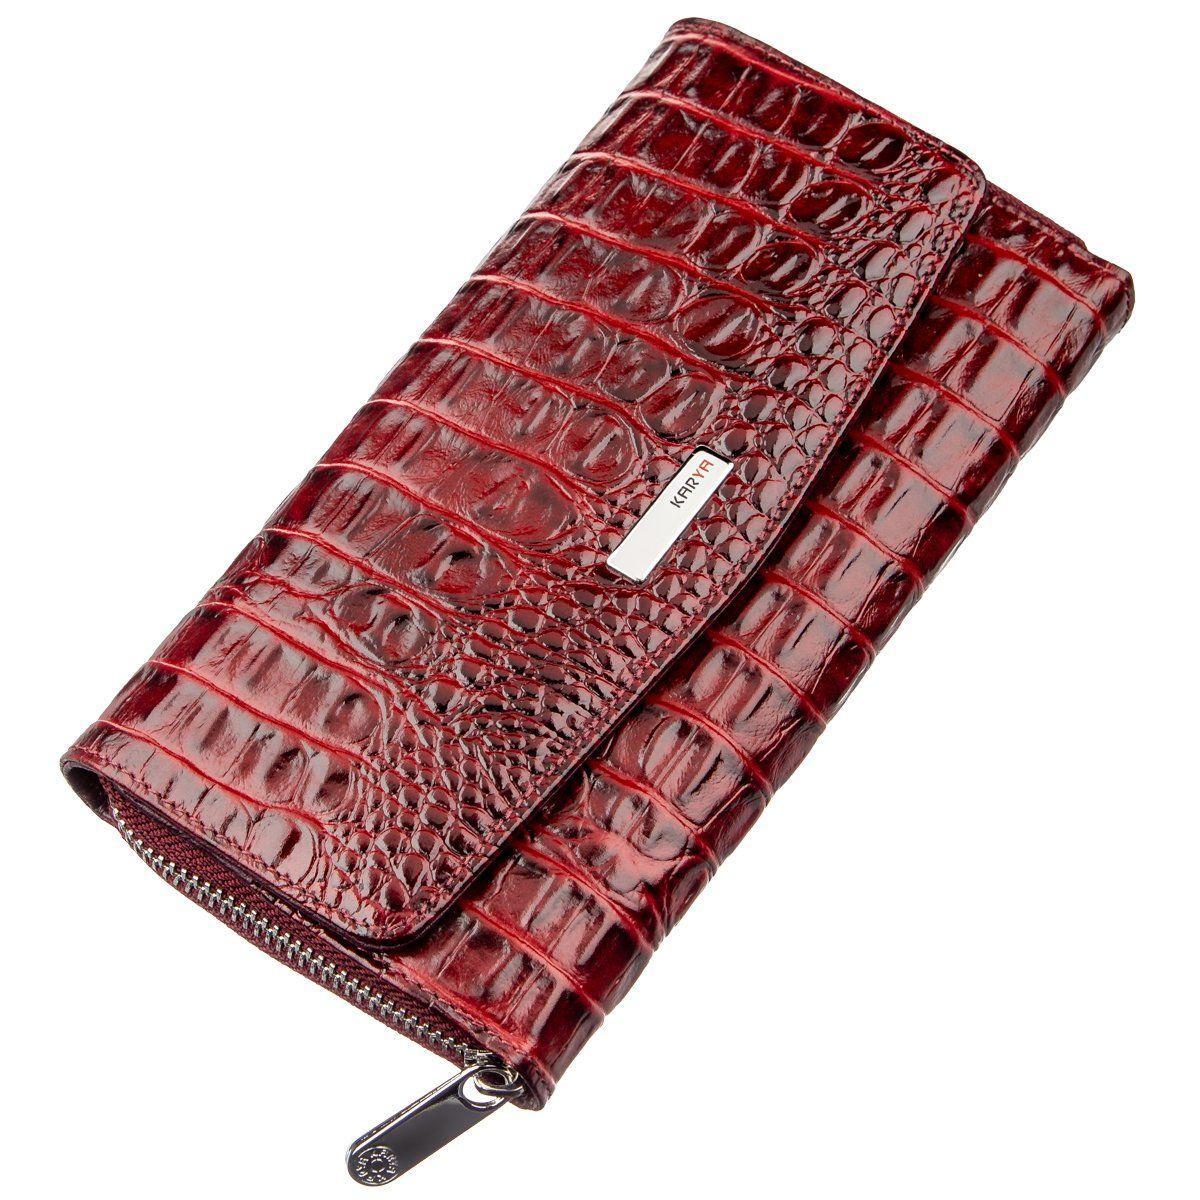 Кошелек женский KARYA 17353 кожаный Бордовый, Бордовый